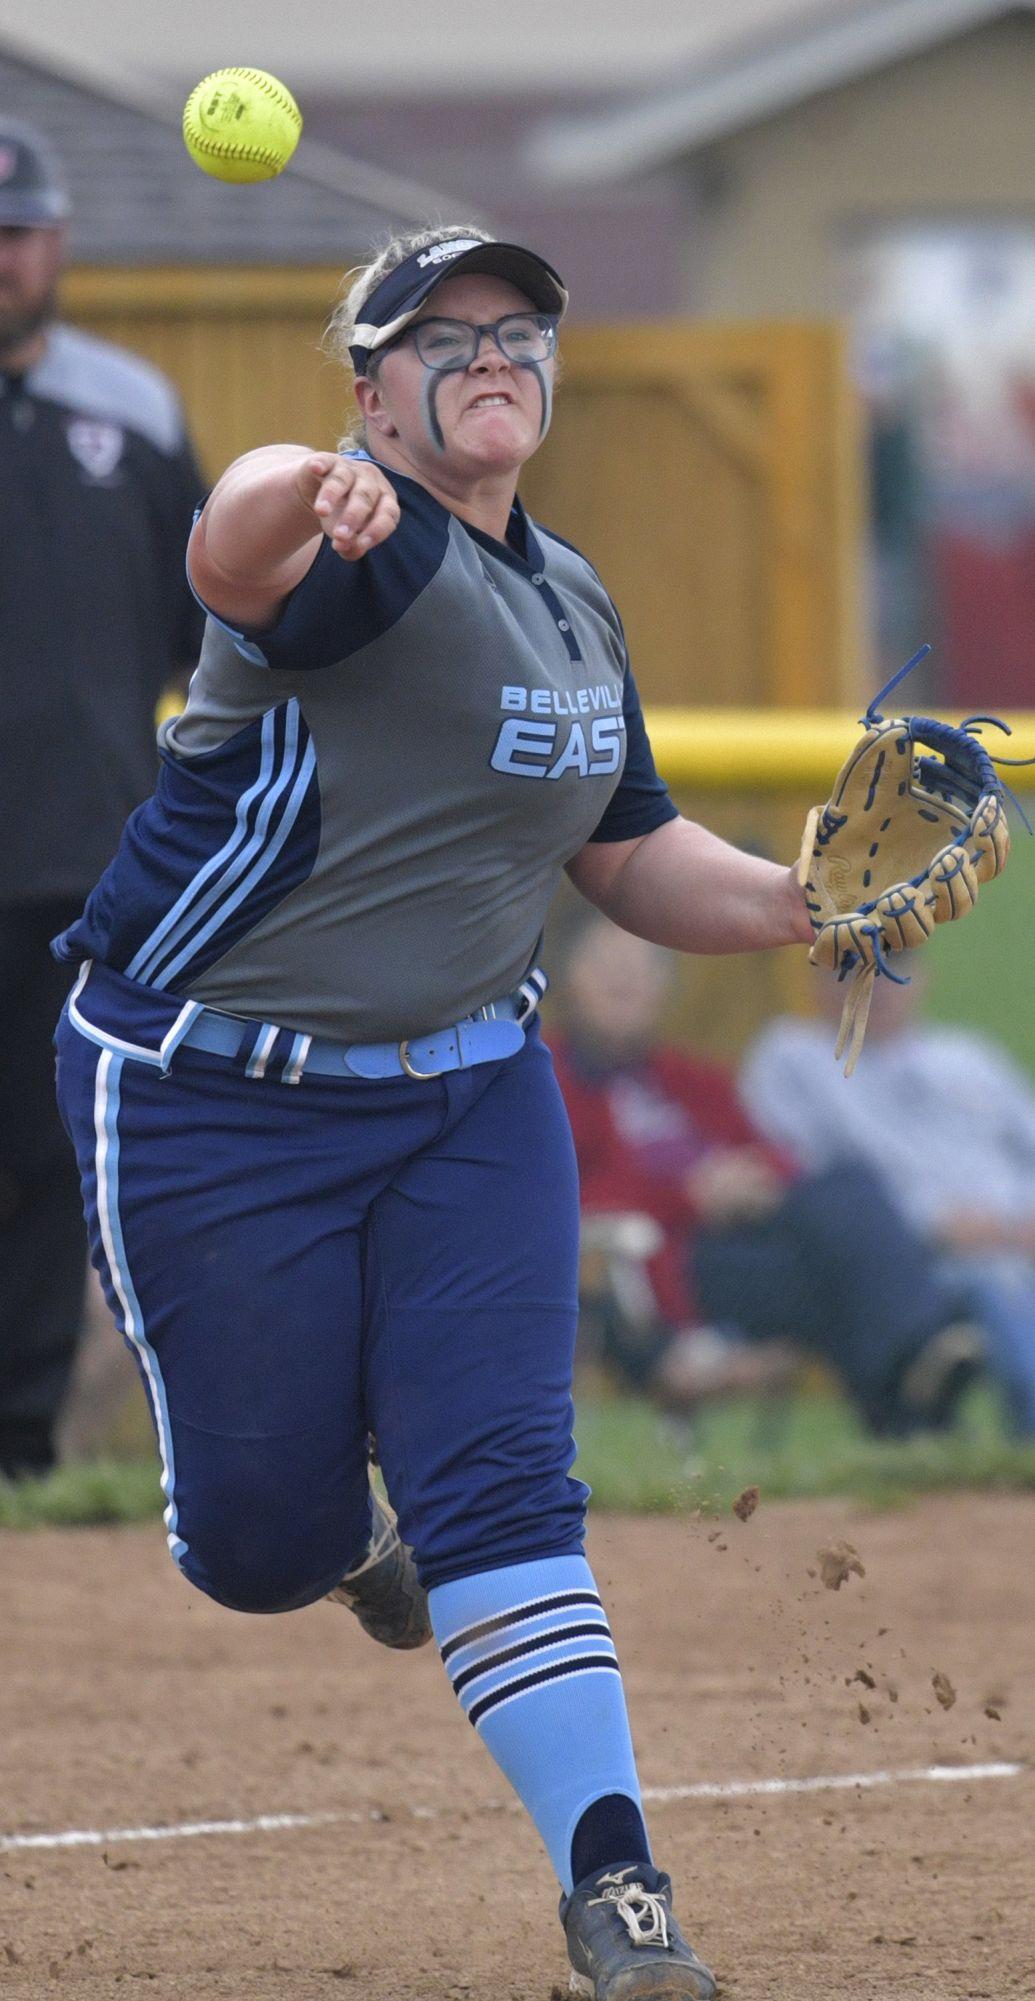 Belleville East vs Belleville West softball